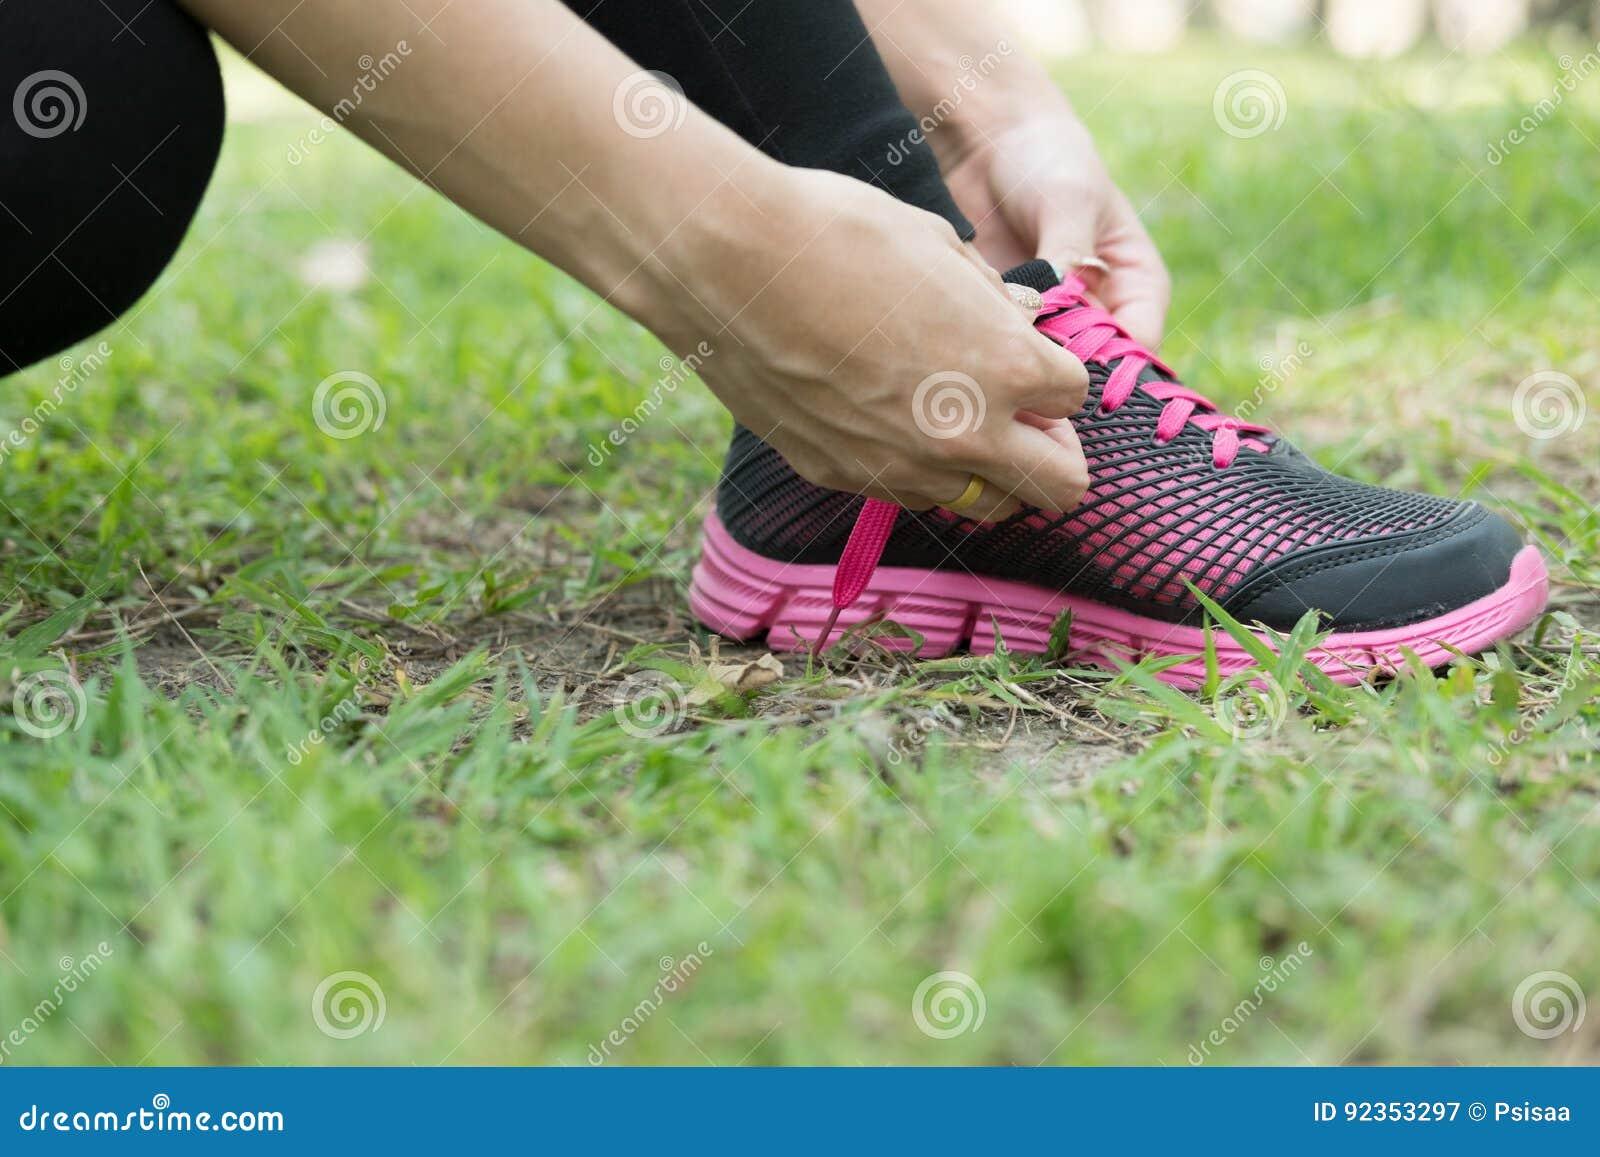 Femme Chaussure D'athlète Des Urbaine Attachant De Dentelles jLSzUMVGpq